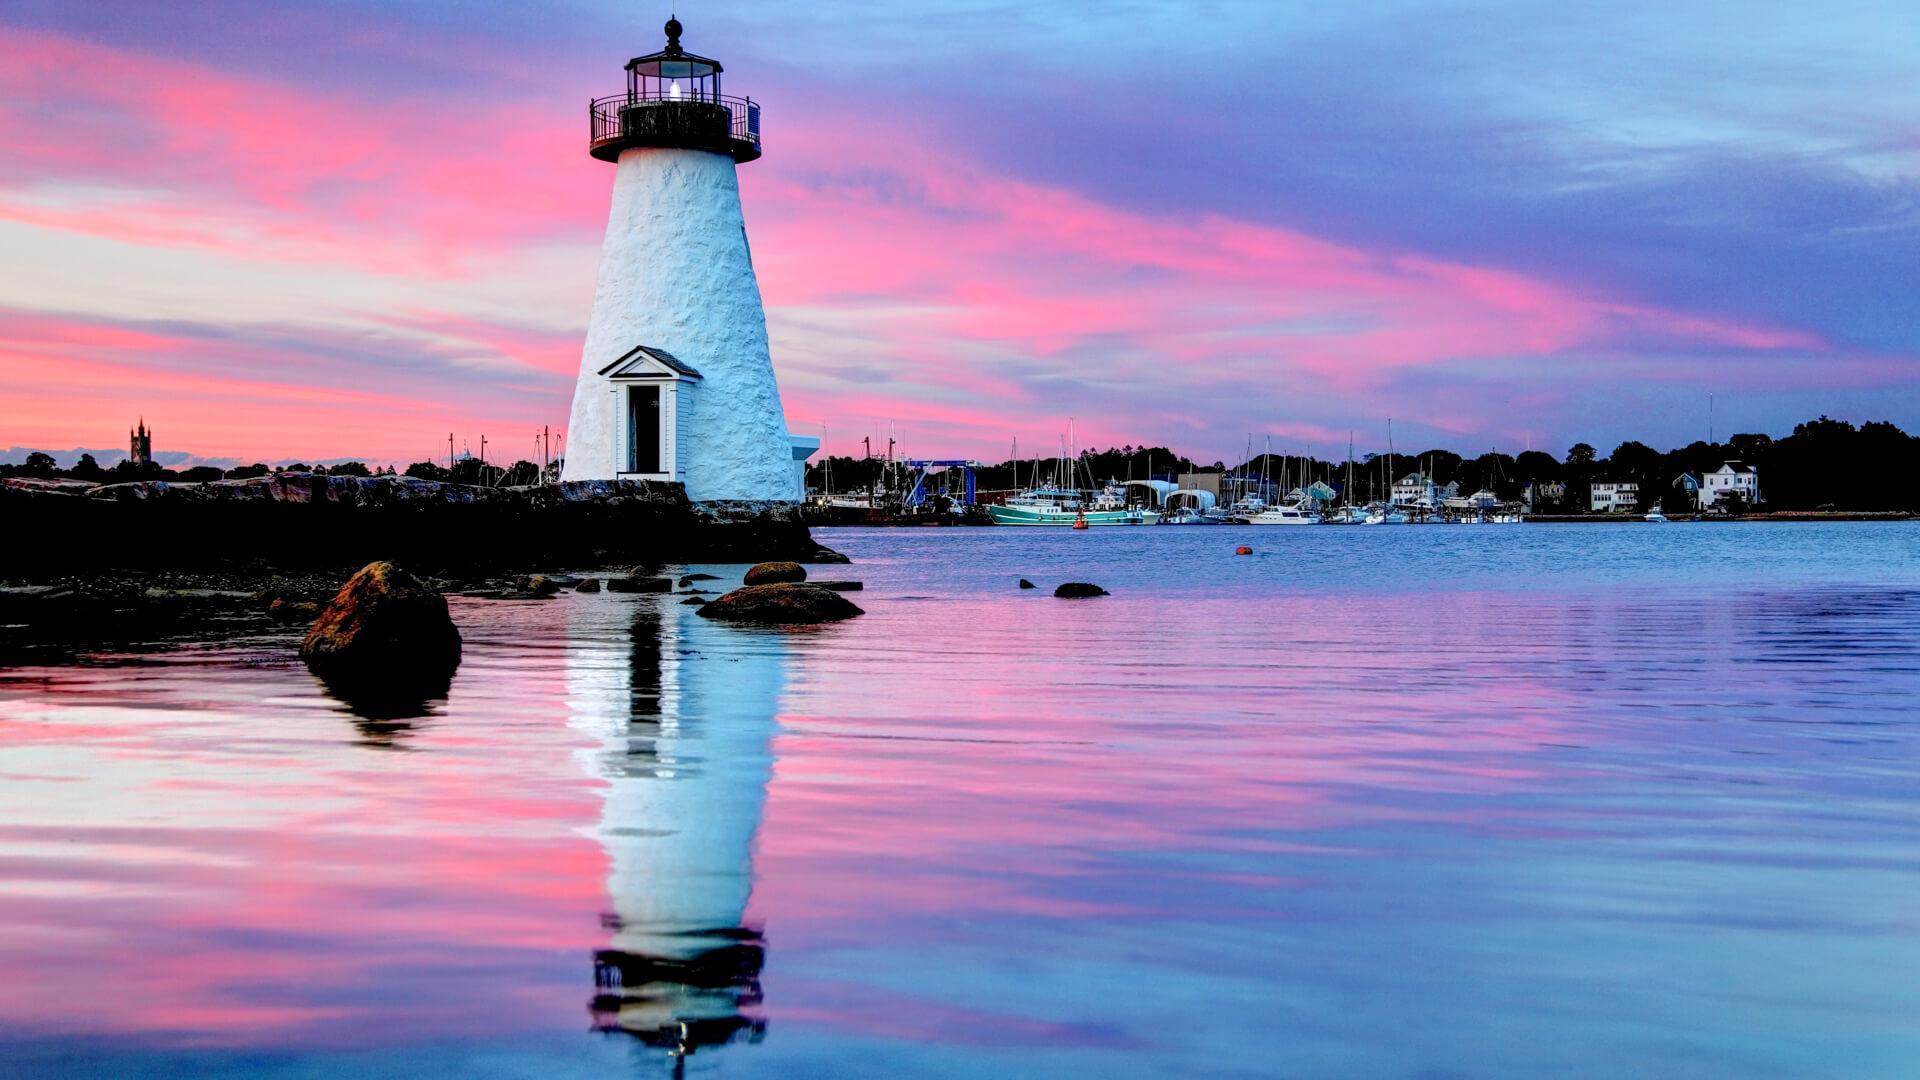 beach cities Palmer Island Lighthouse, New Bedford, Massachusetts